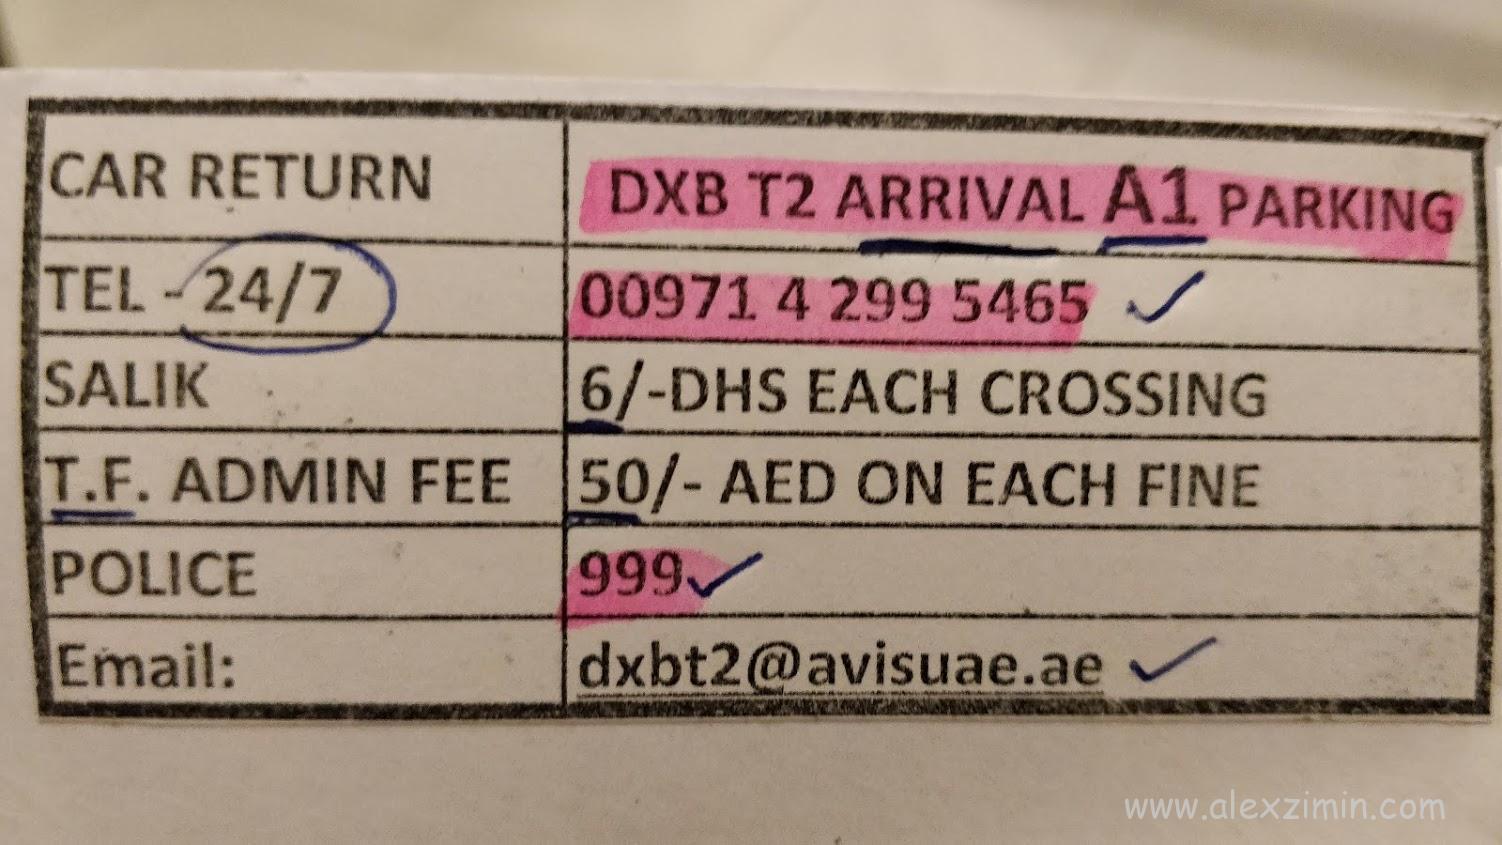 Парковка прокатных авто во 2 терминале (FlyDubai) Дубайского аэропорта